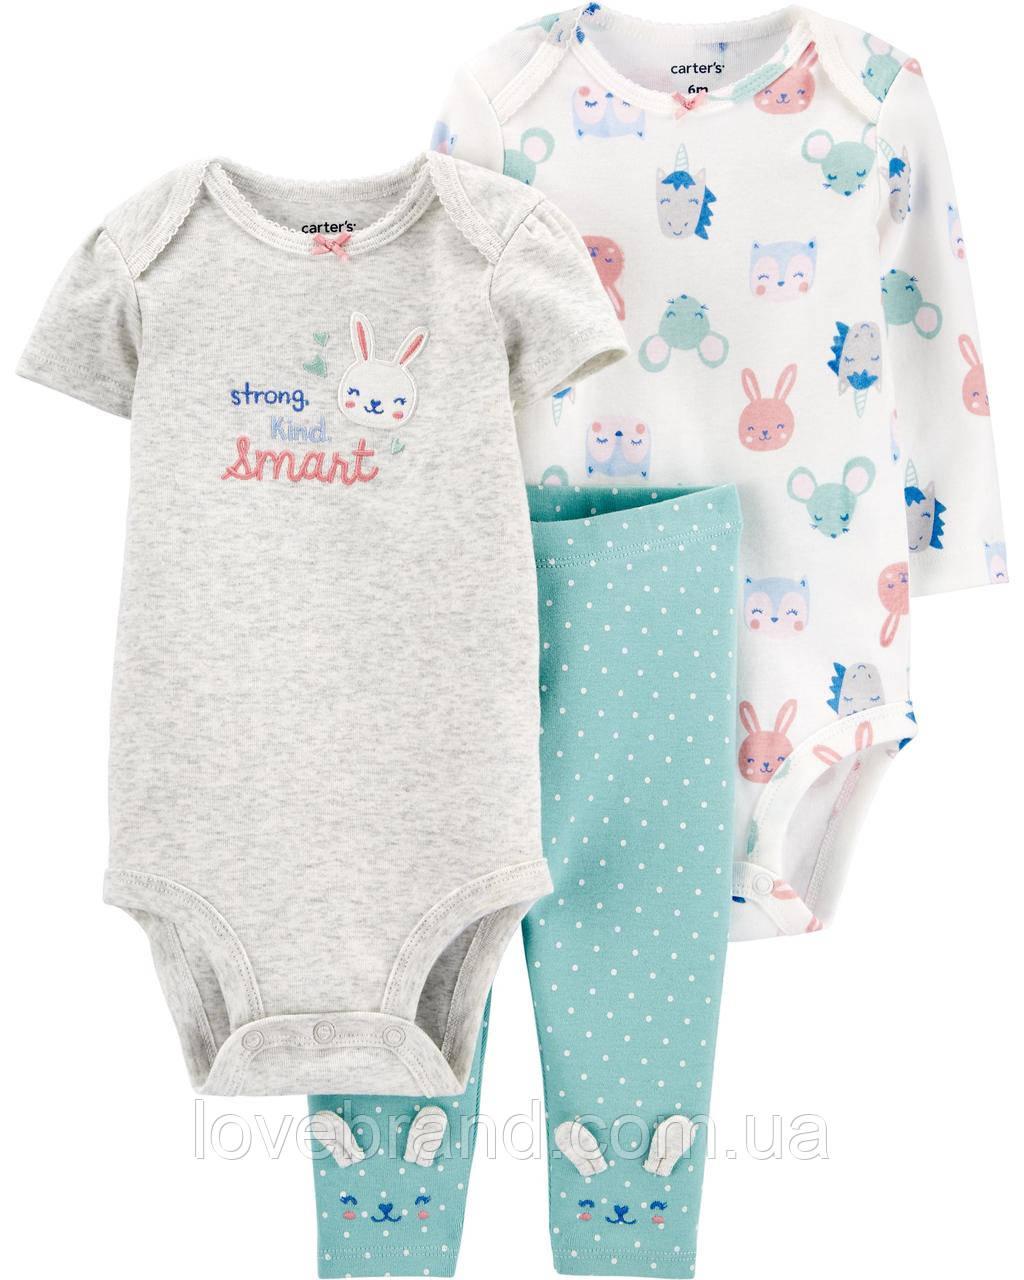 Набор для новорожденных девочек Carter's (картерс) Зайчики NEW